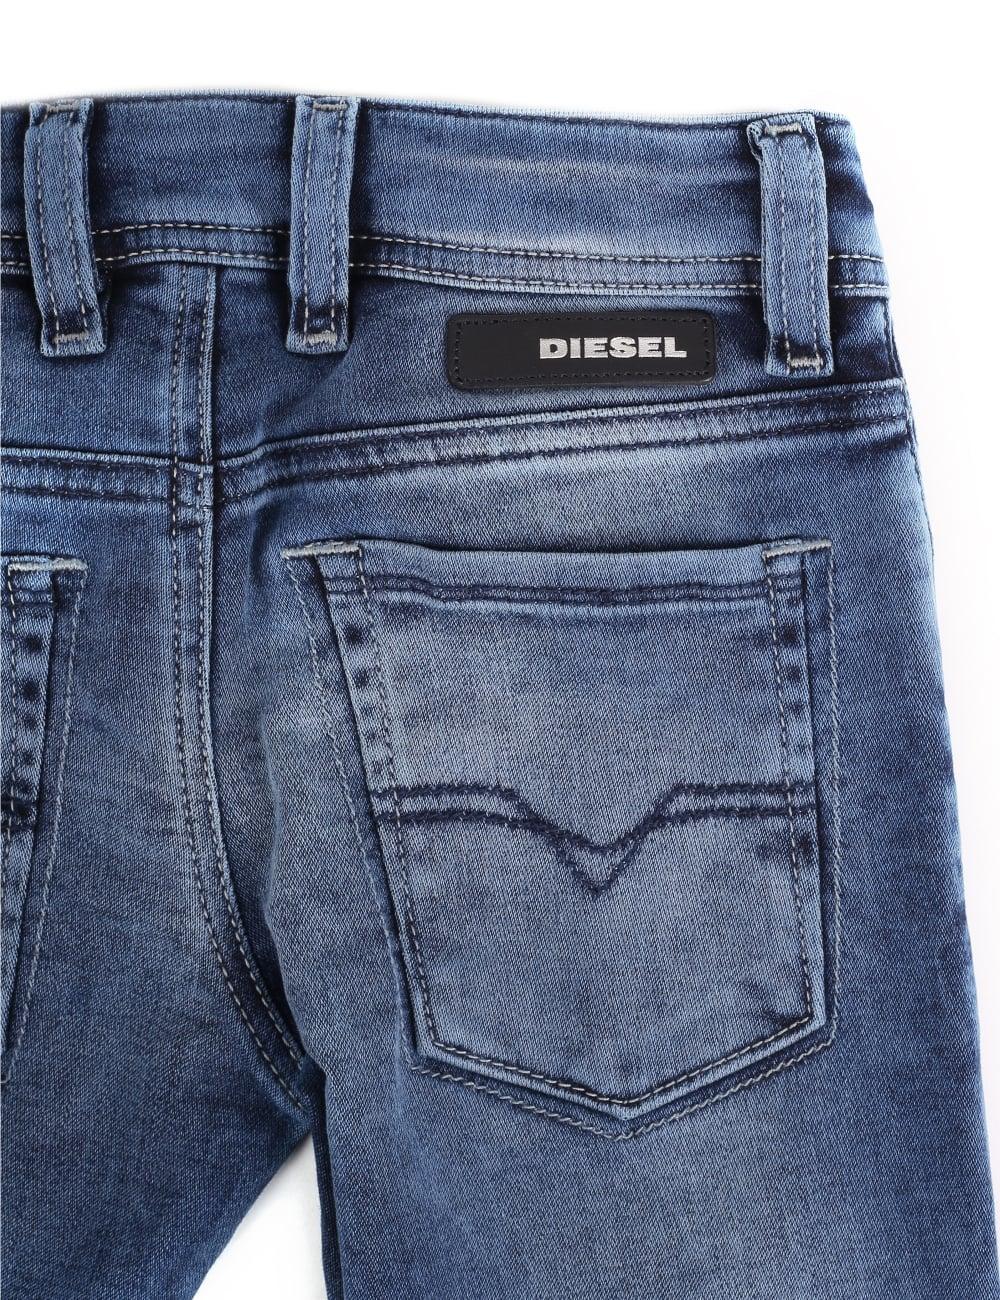 6ec40b379c010 Diesel Sleenker-J-EL Boys Jogg Jeans